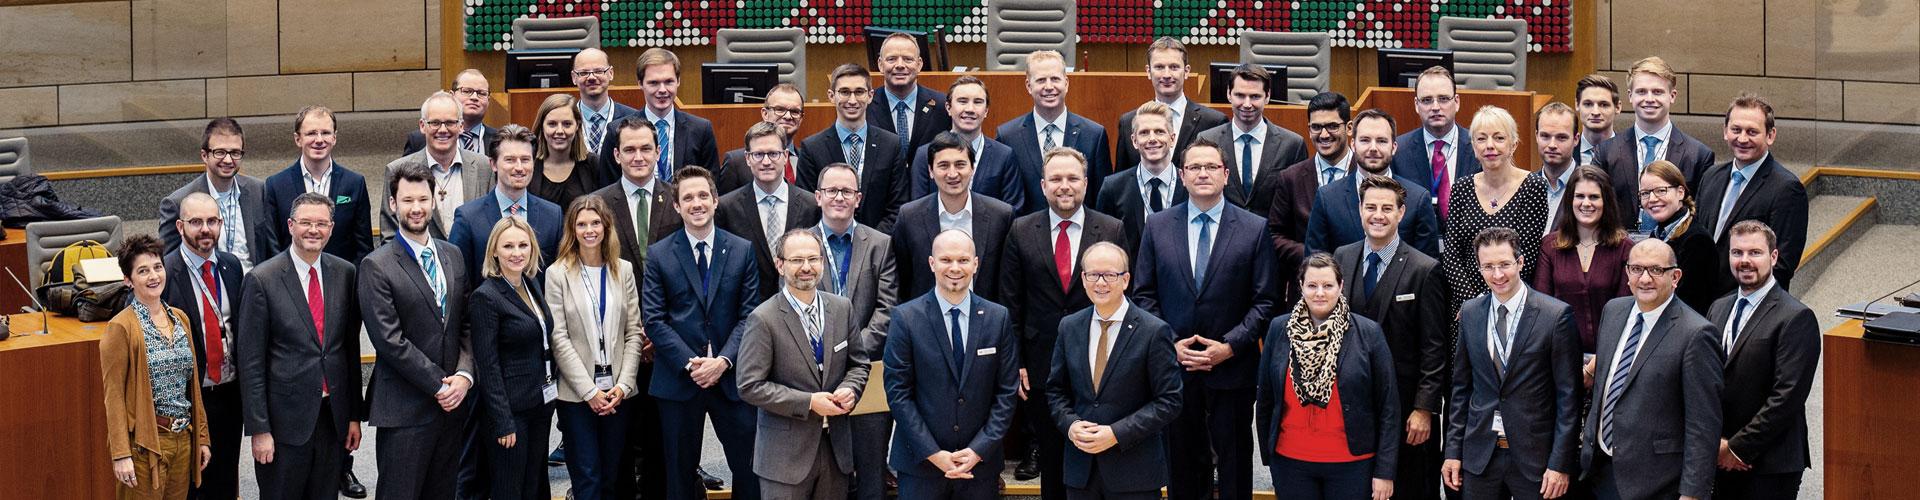 Wirtschaftsjunioren Nordrhein Westfalen